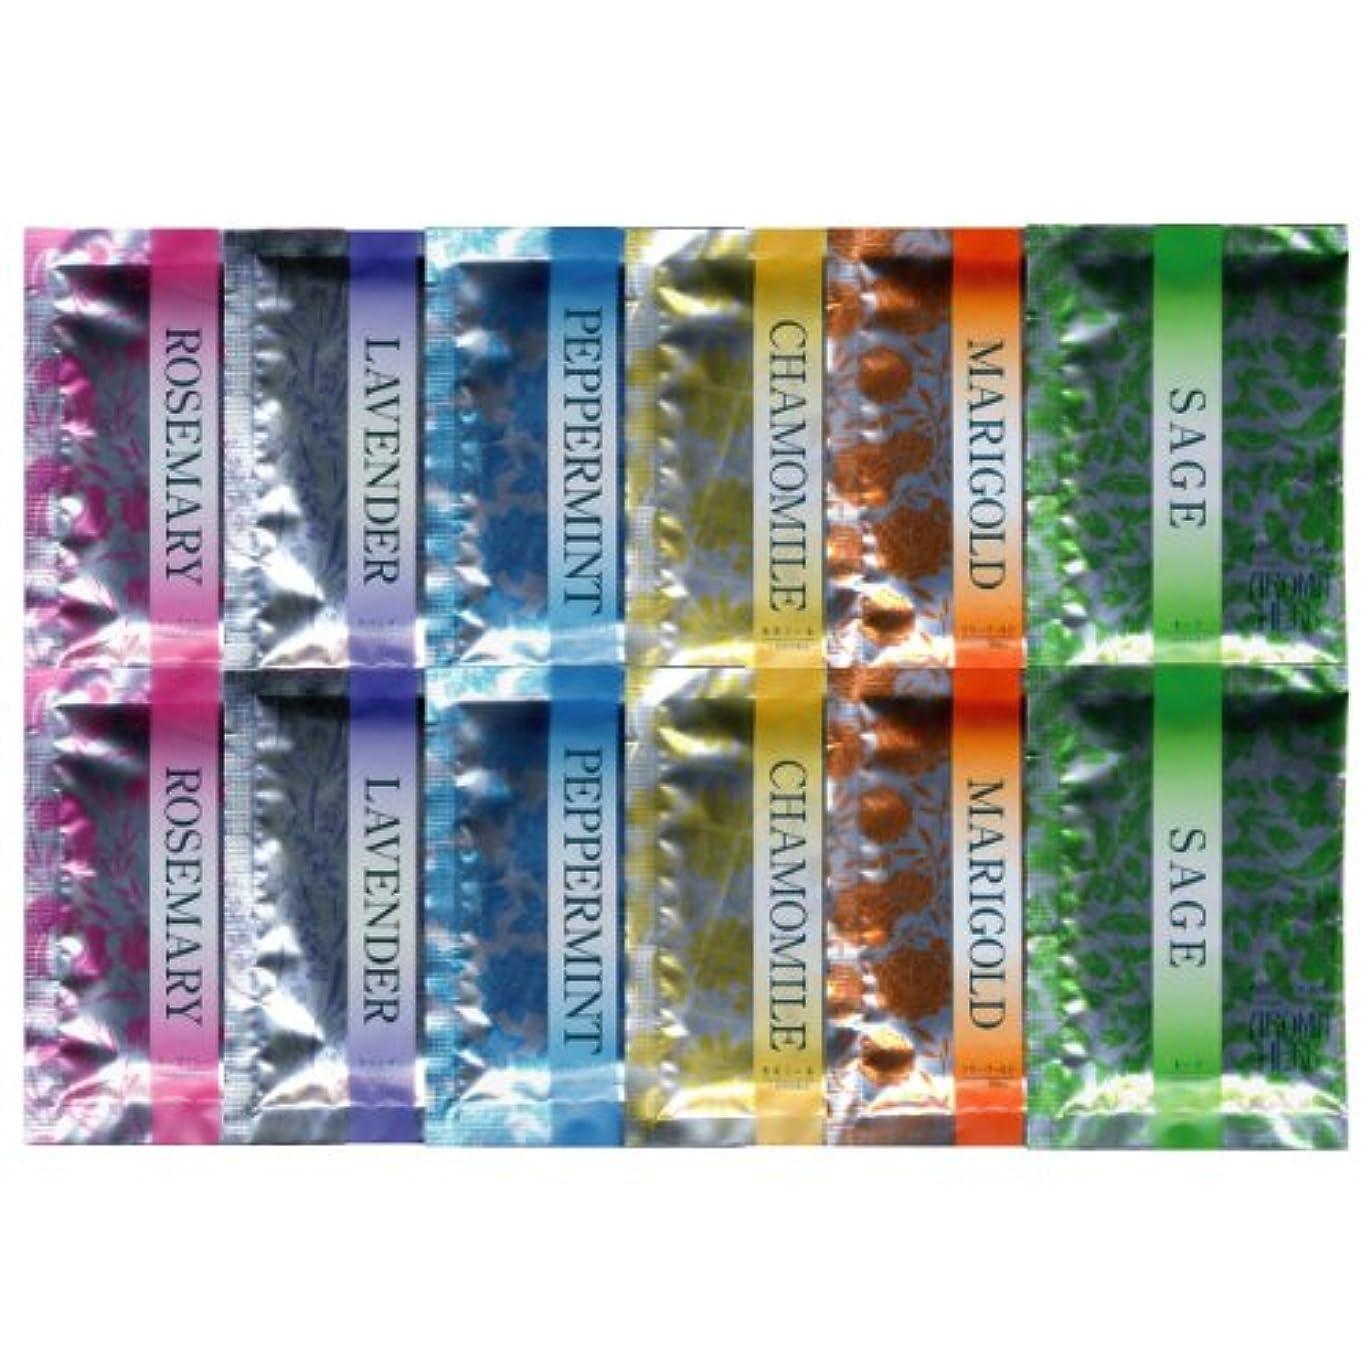 。環境に優しいグローブアロマハーブ 香りの物語 6種類×2 12包